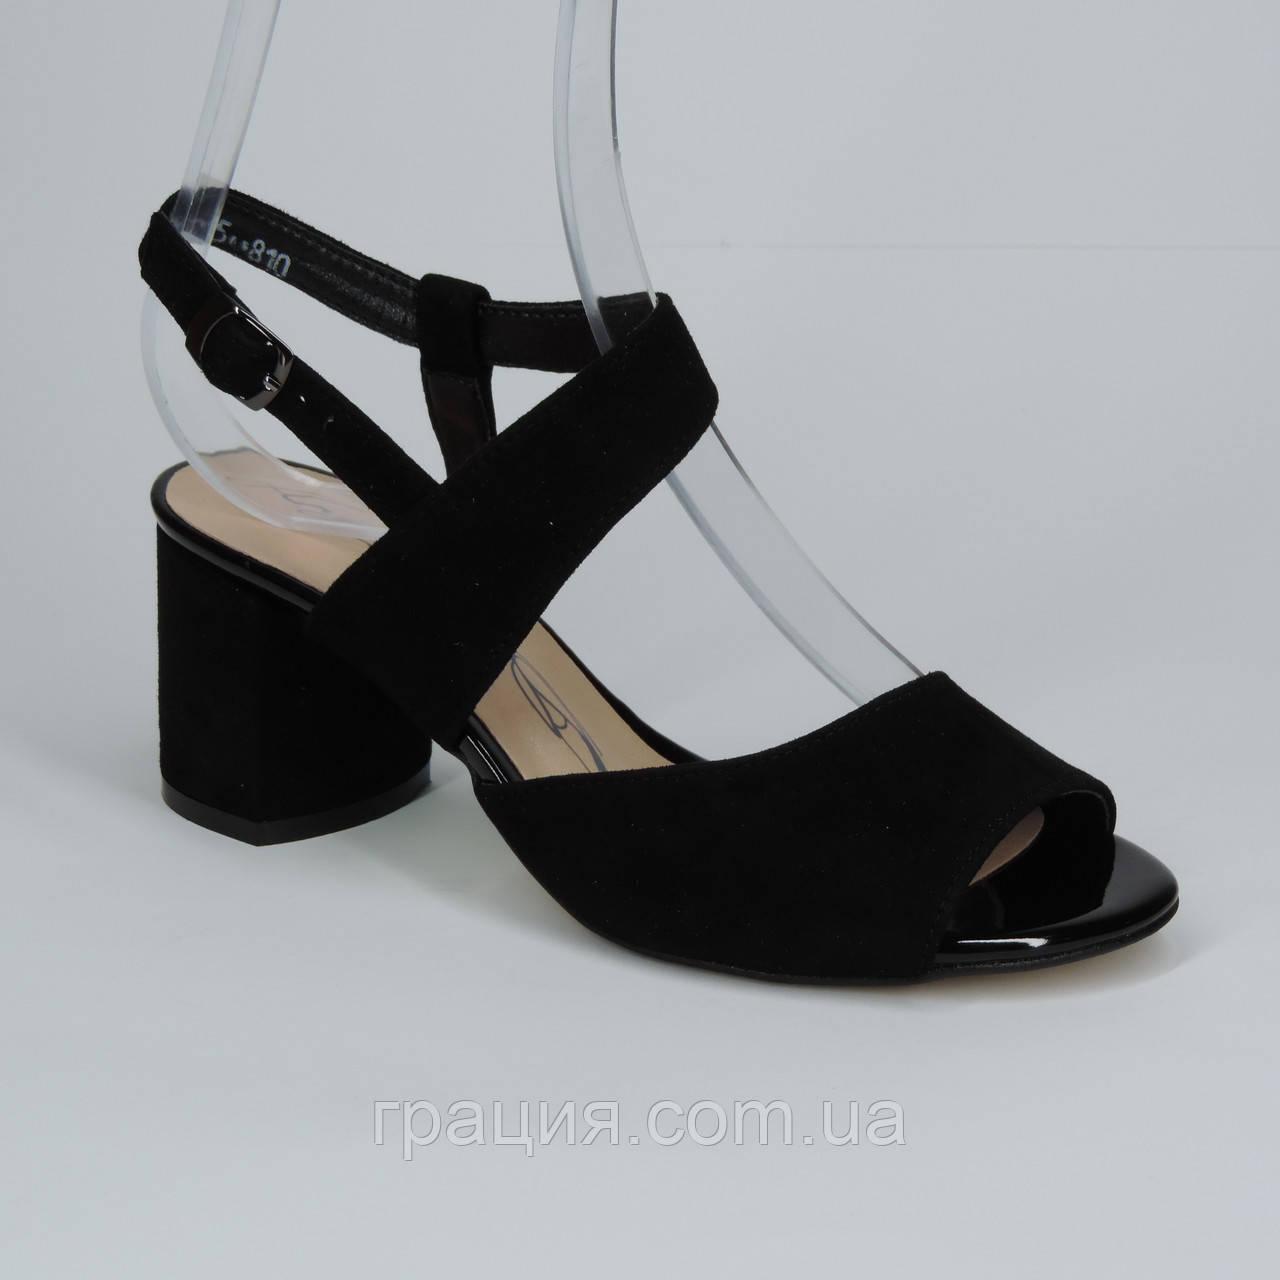 Женские элегантные замшевые босоножки на не большем каблуке